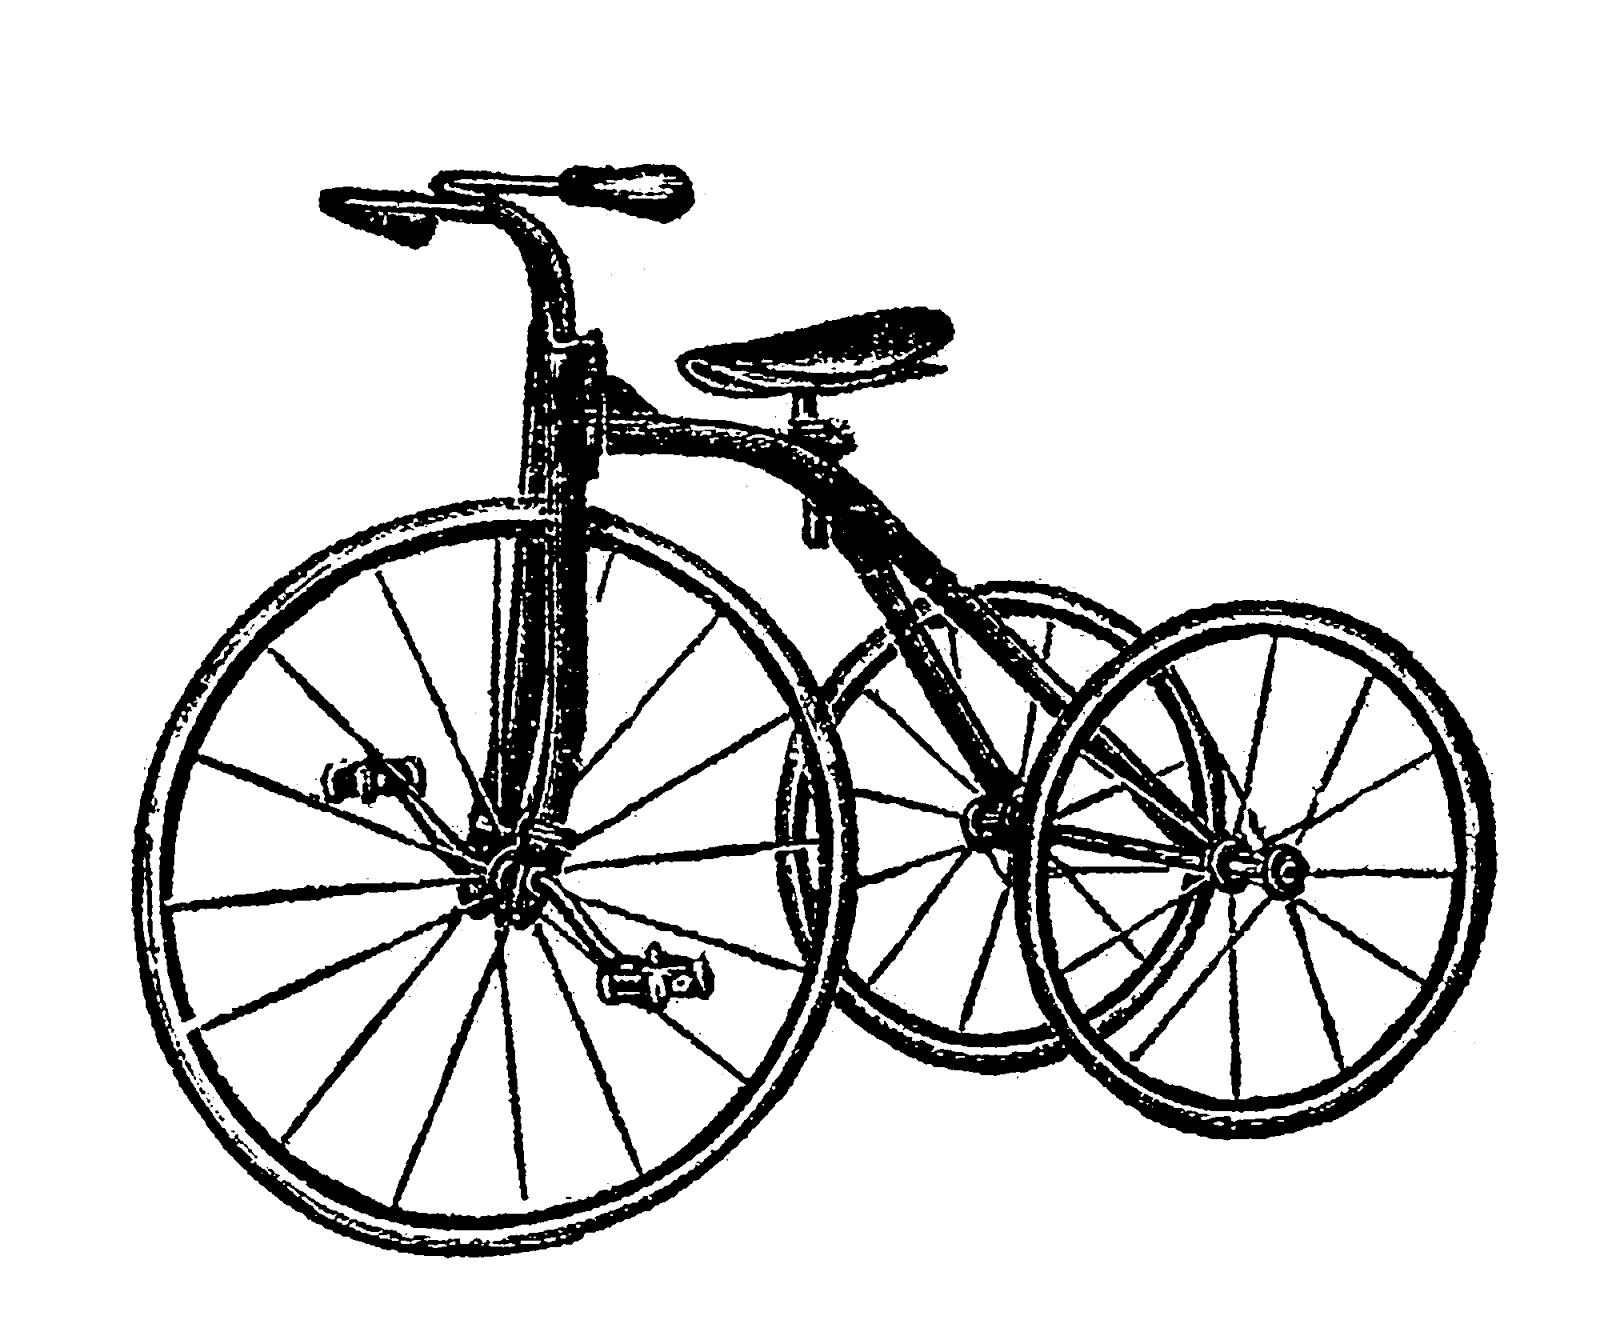 Digital Stamp Design Vintage Free Bike Tricycle Images